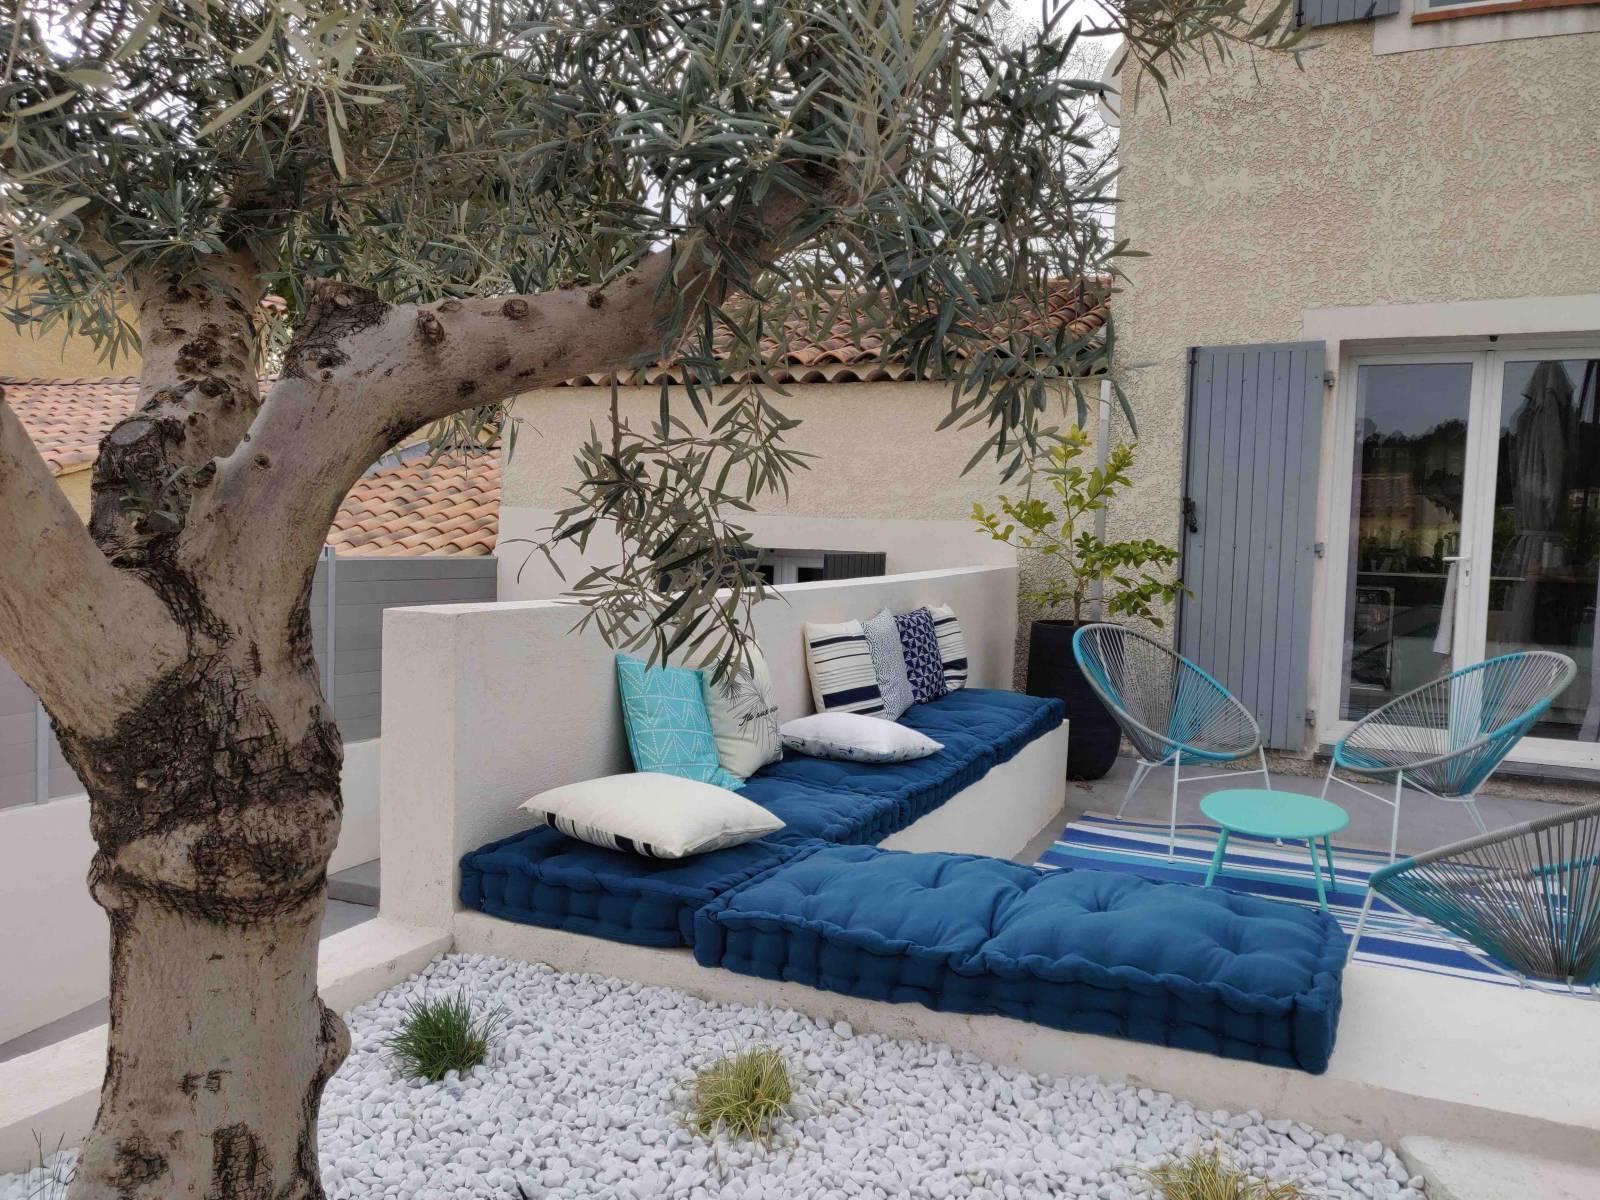 Projet de rénovation extérieur avec aménagement de terrasse ...